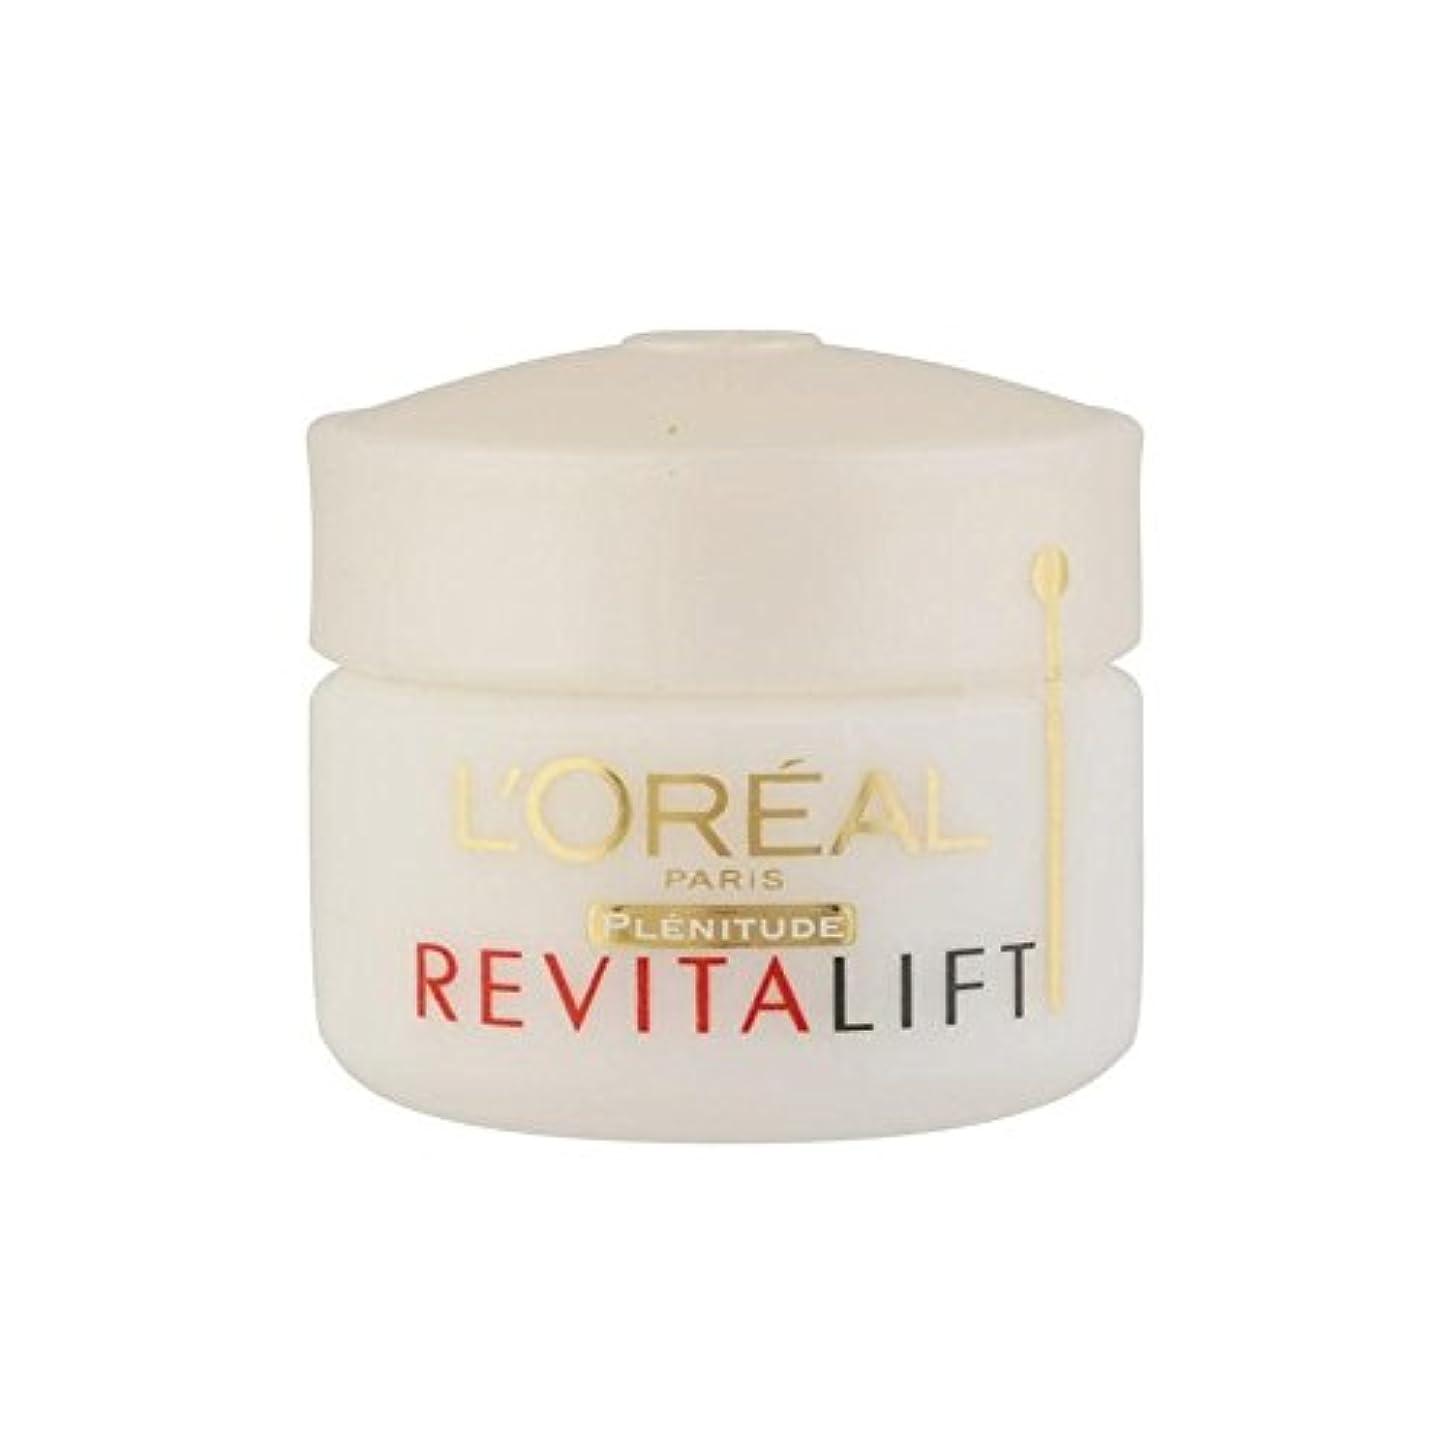 チャーター赤外線恥ずかしいL'Oreal Paris Dermo Expertise Revitalift Anti-Wrinkle + Firming Eye Cream (15ml) (Pack of 6) - ロレアルパリ?ダーモ専門知識の抗しわ+ファーミングアイクリーム(15ミリリットル) x6 [並行輸入品]